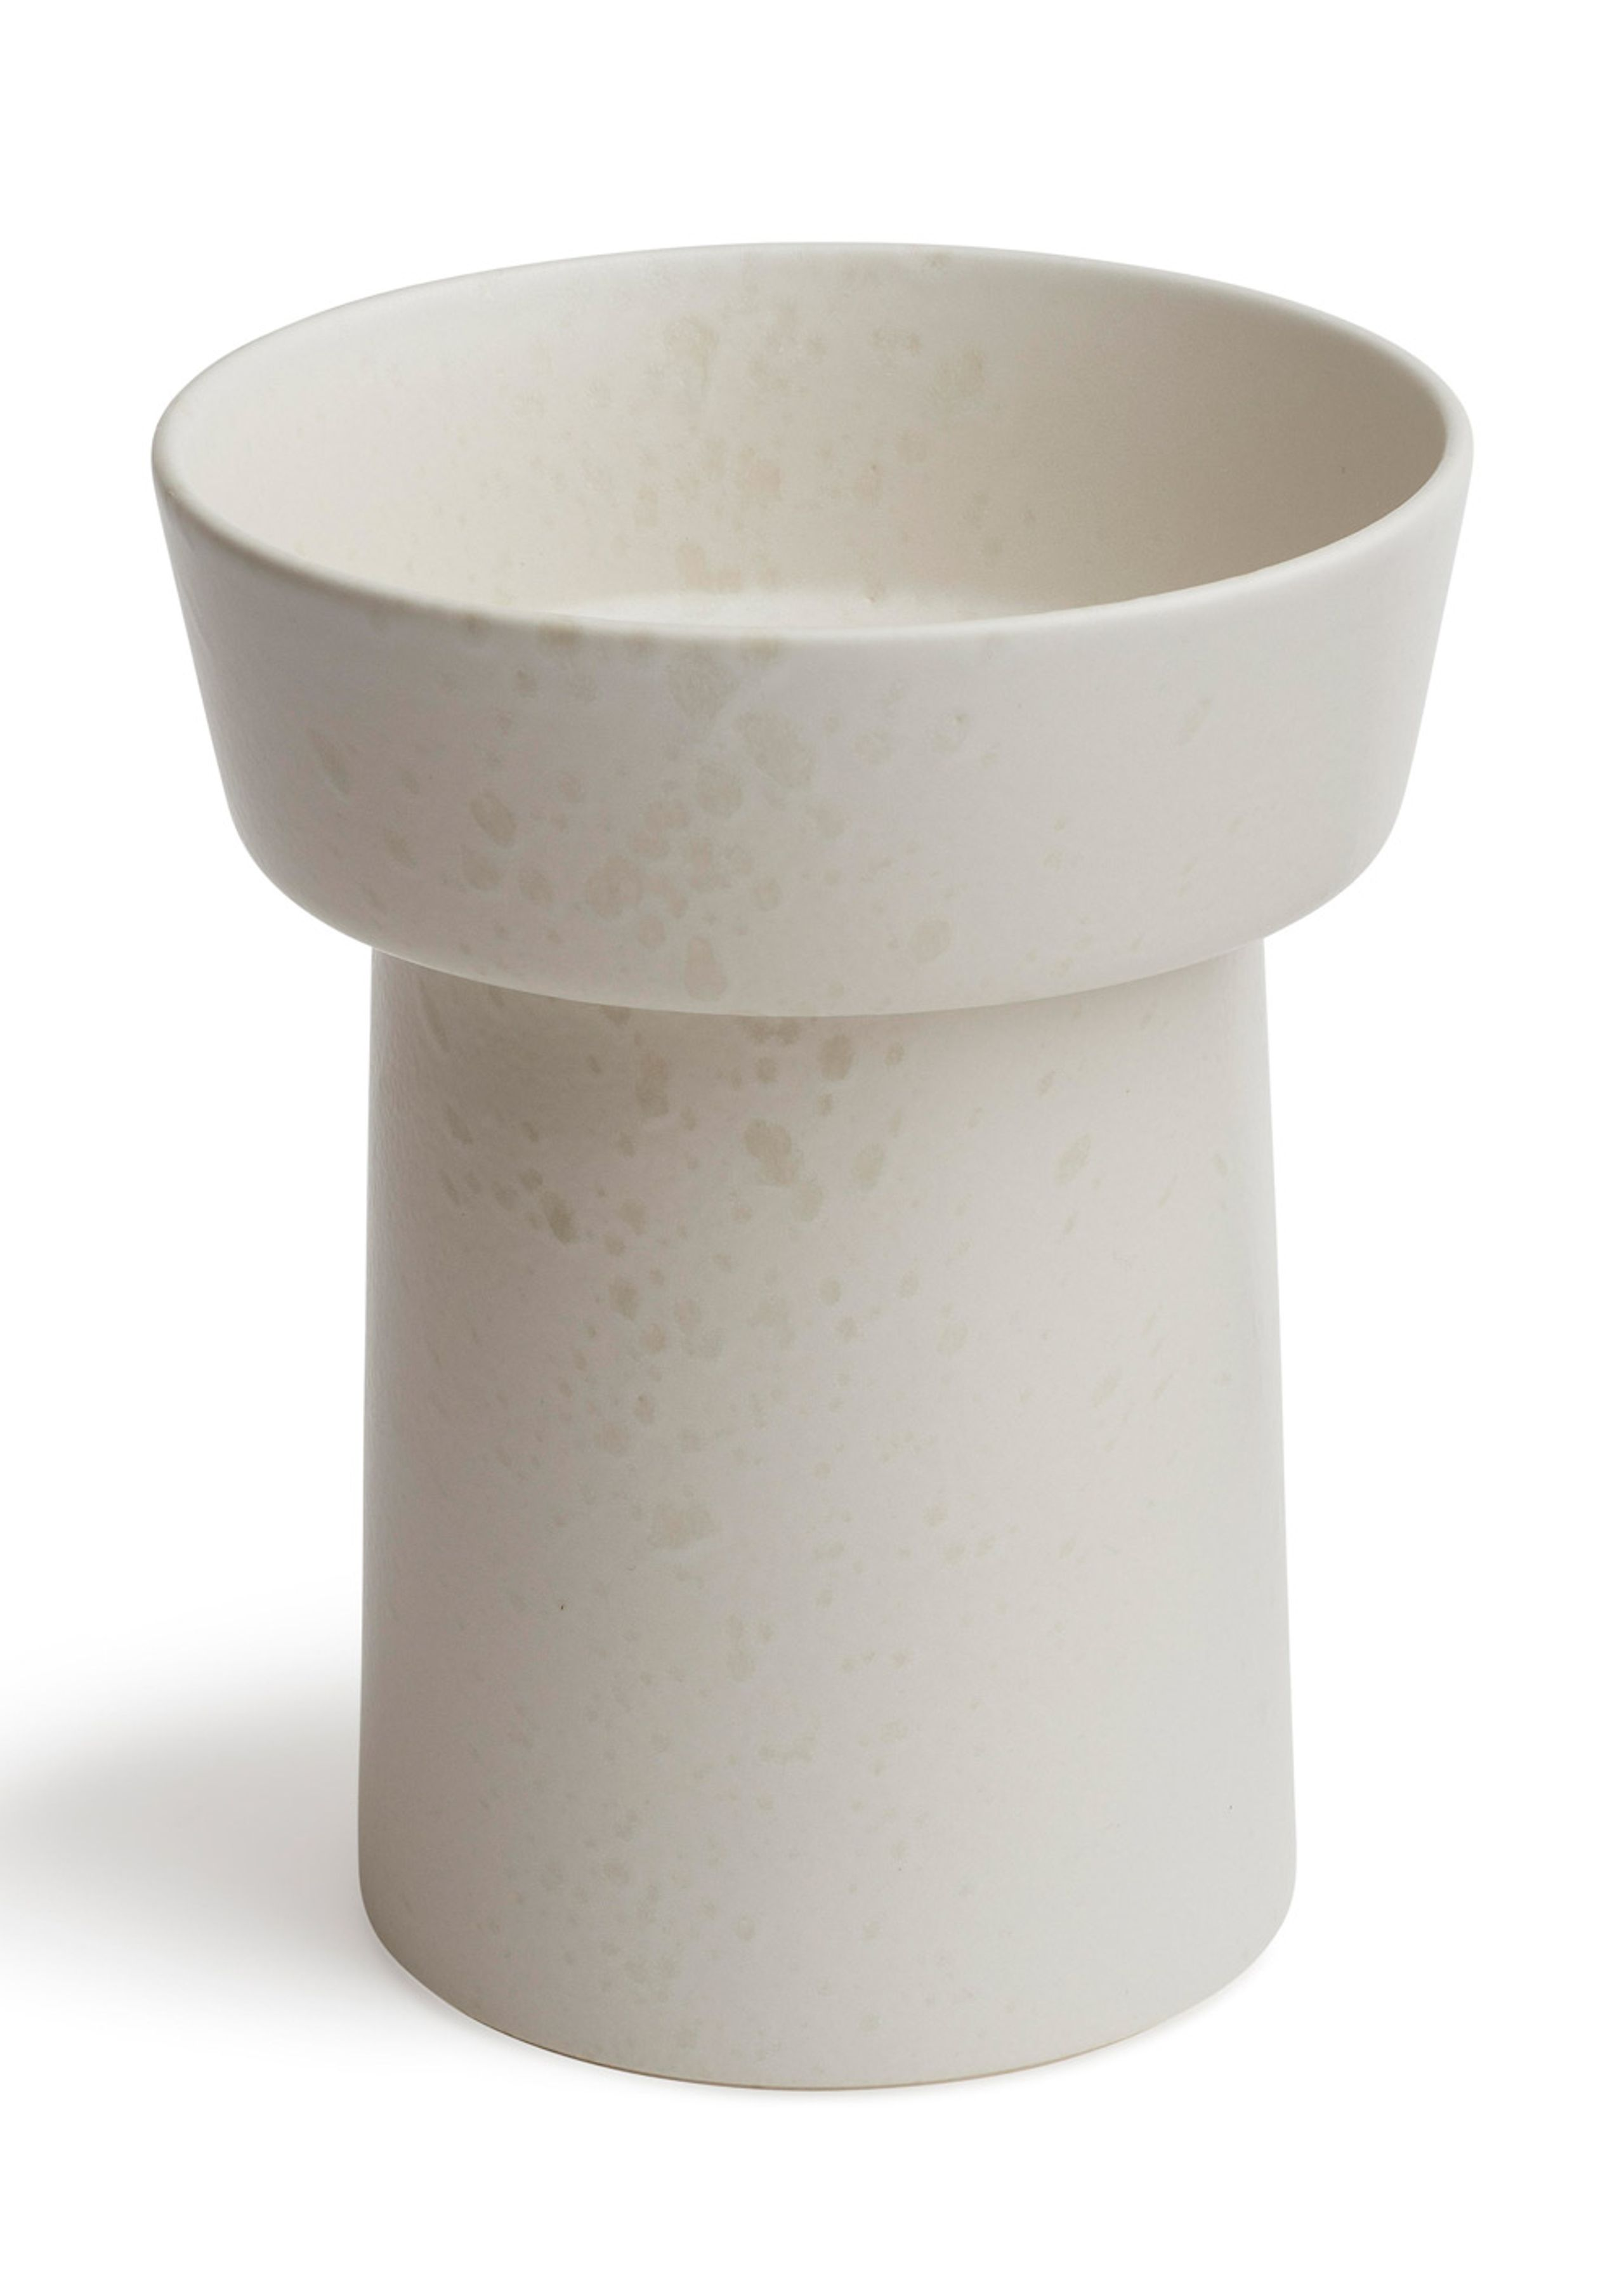 Ombria vase